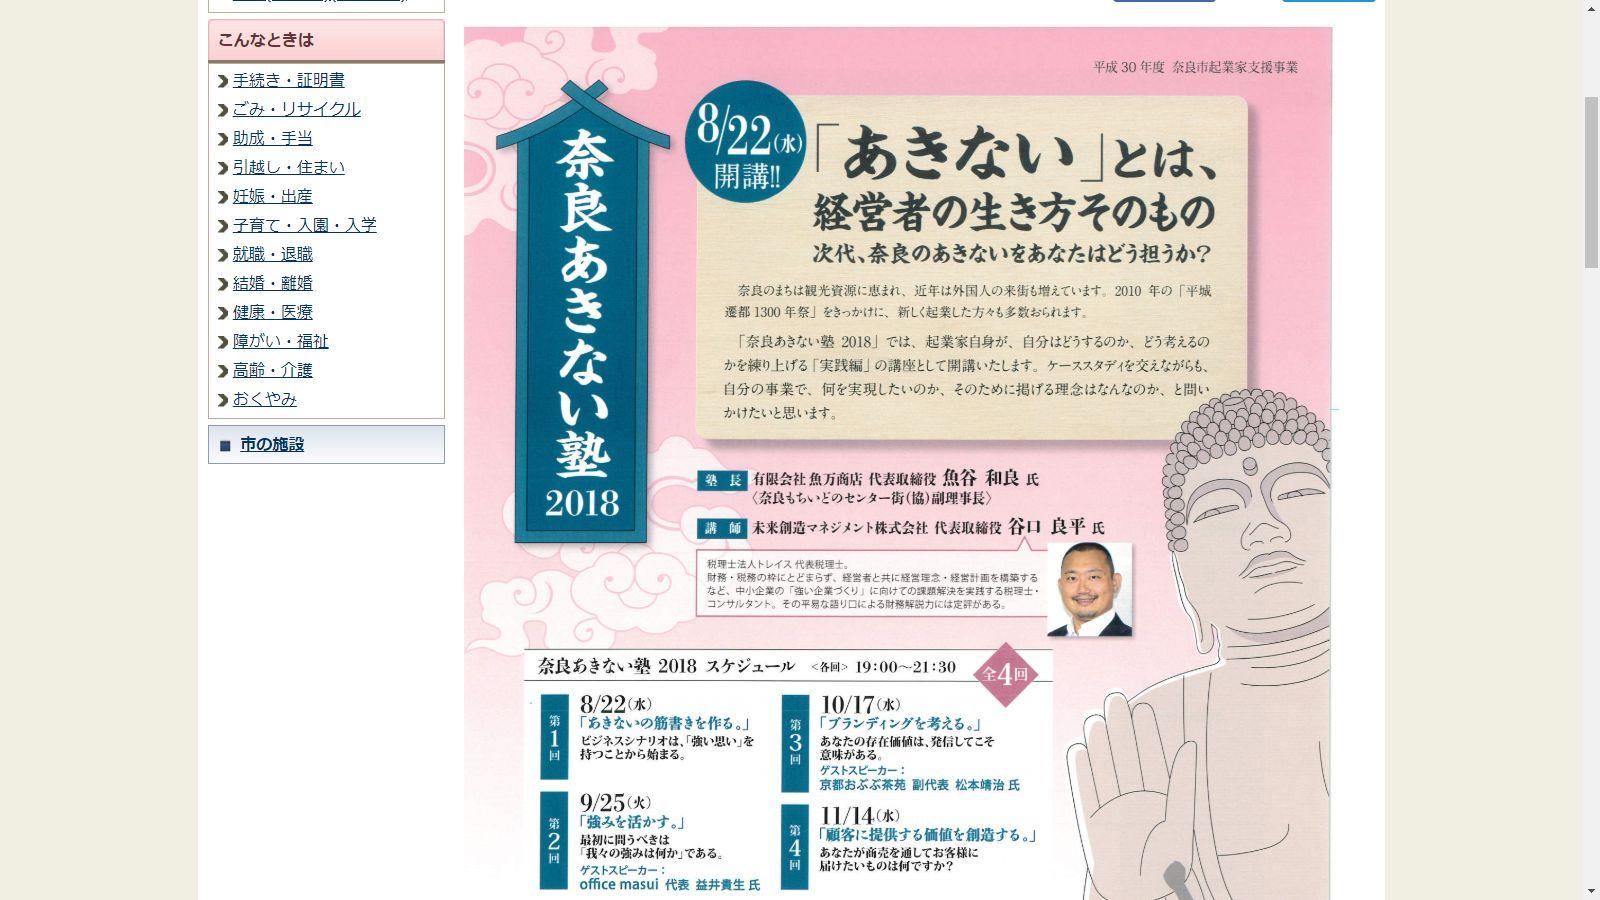 【セミナー講演】奈良あきない塾2018「ブランディングを考える」